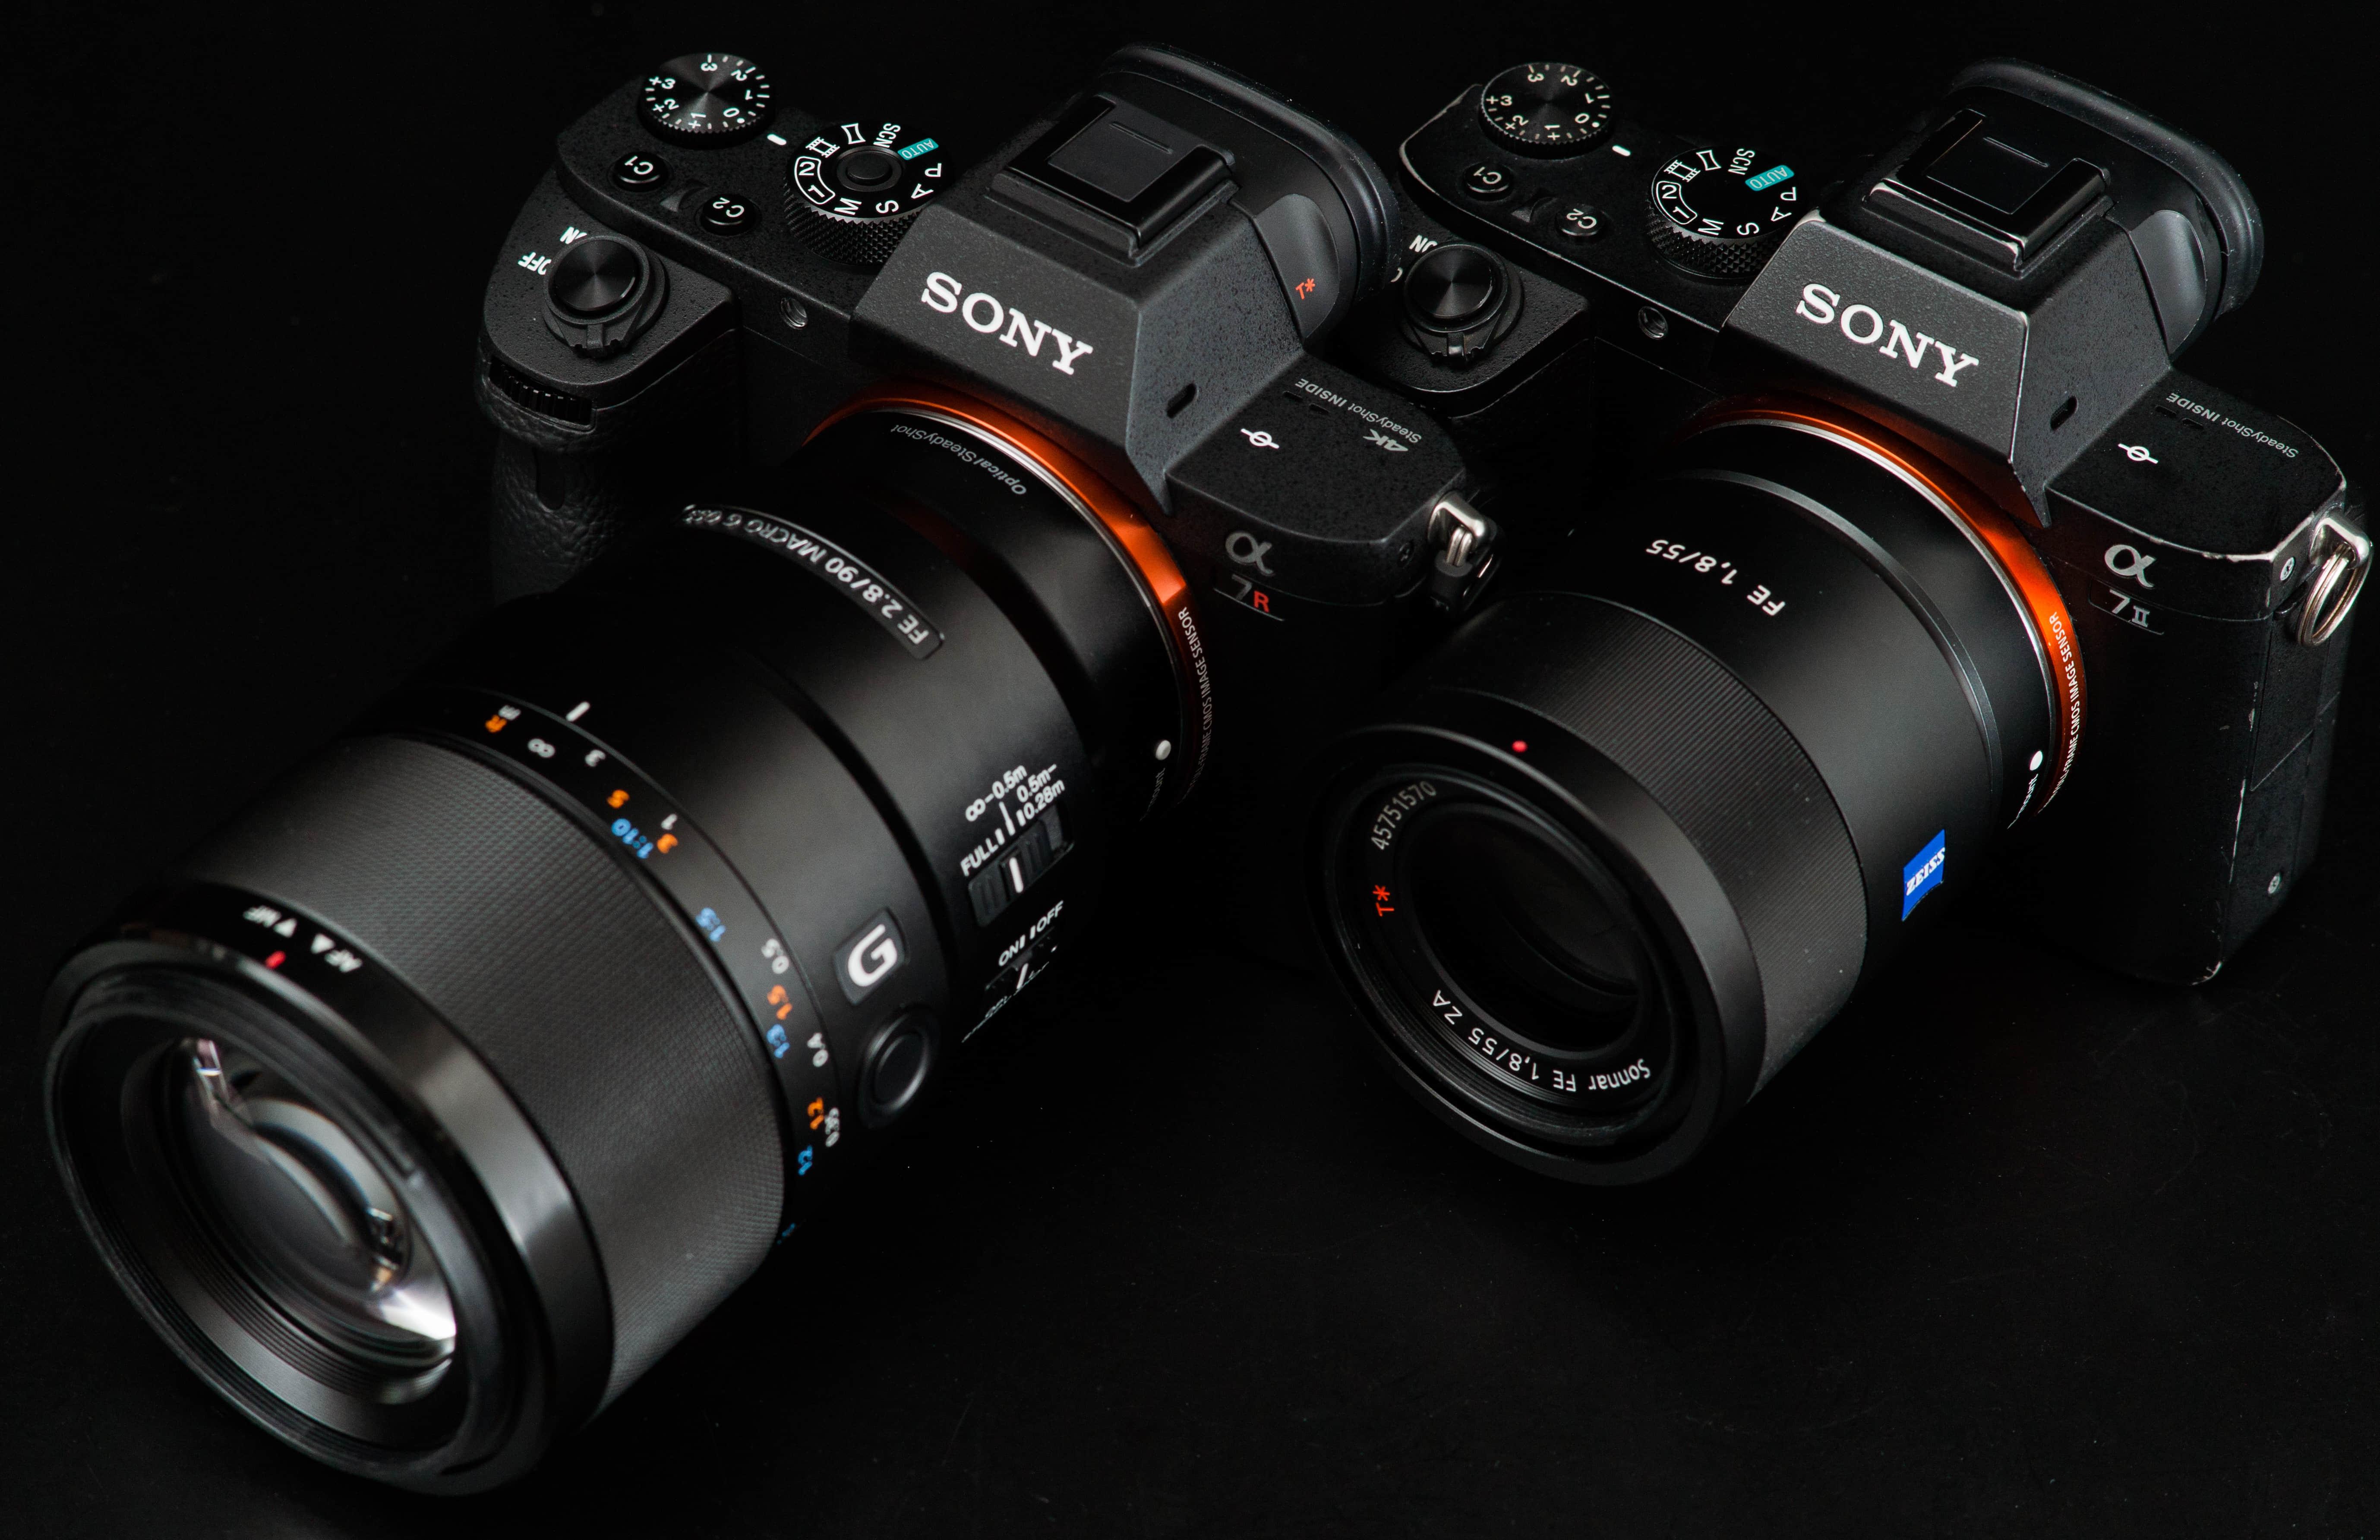 镜头 索尼相机拍摄的照片 高科技 索尼相机5K高清图片_彼岸图网